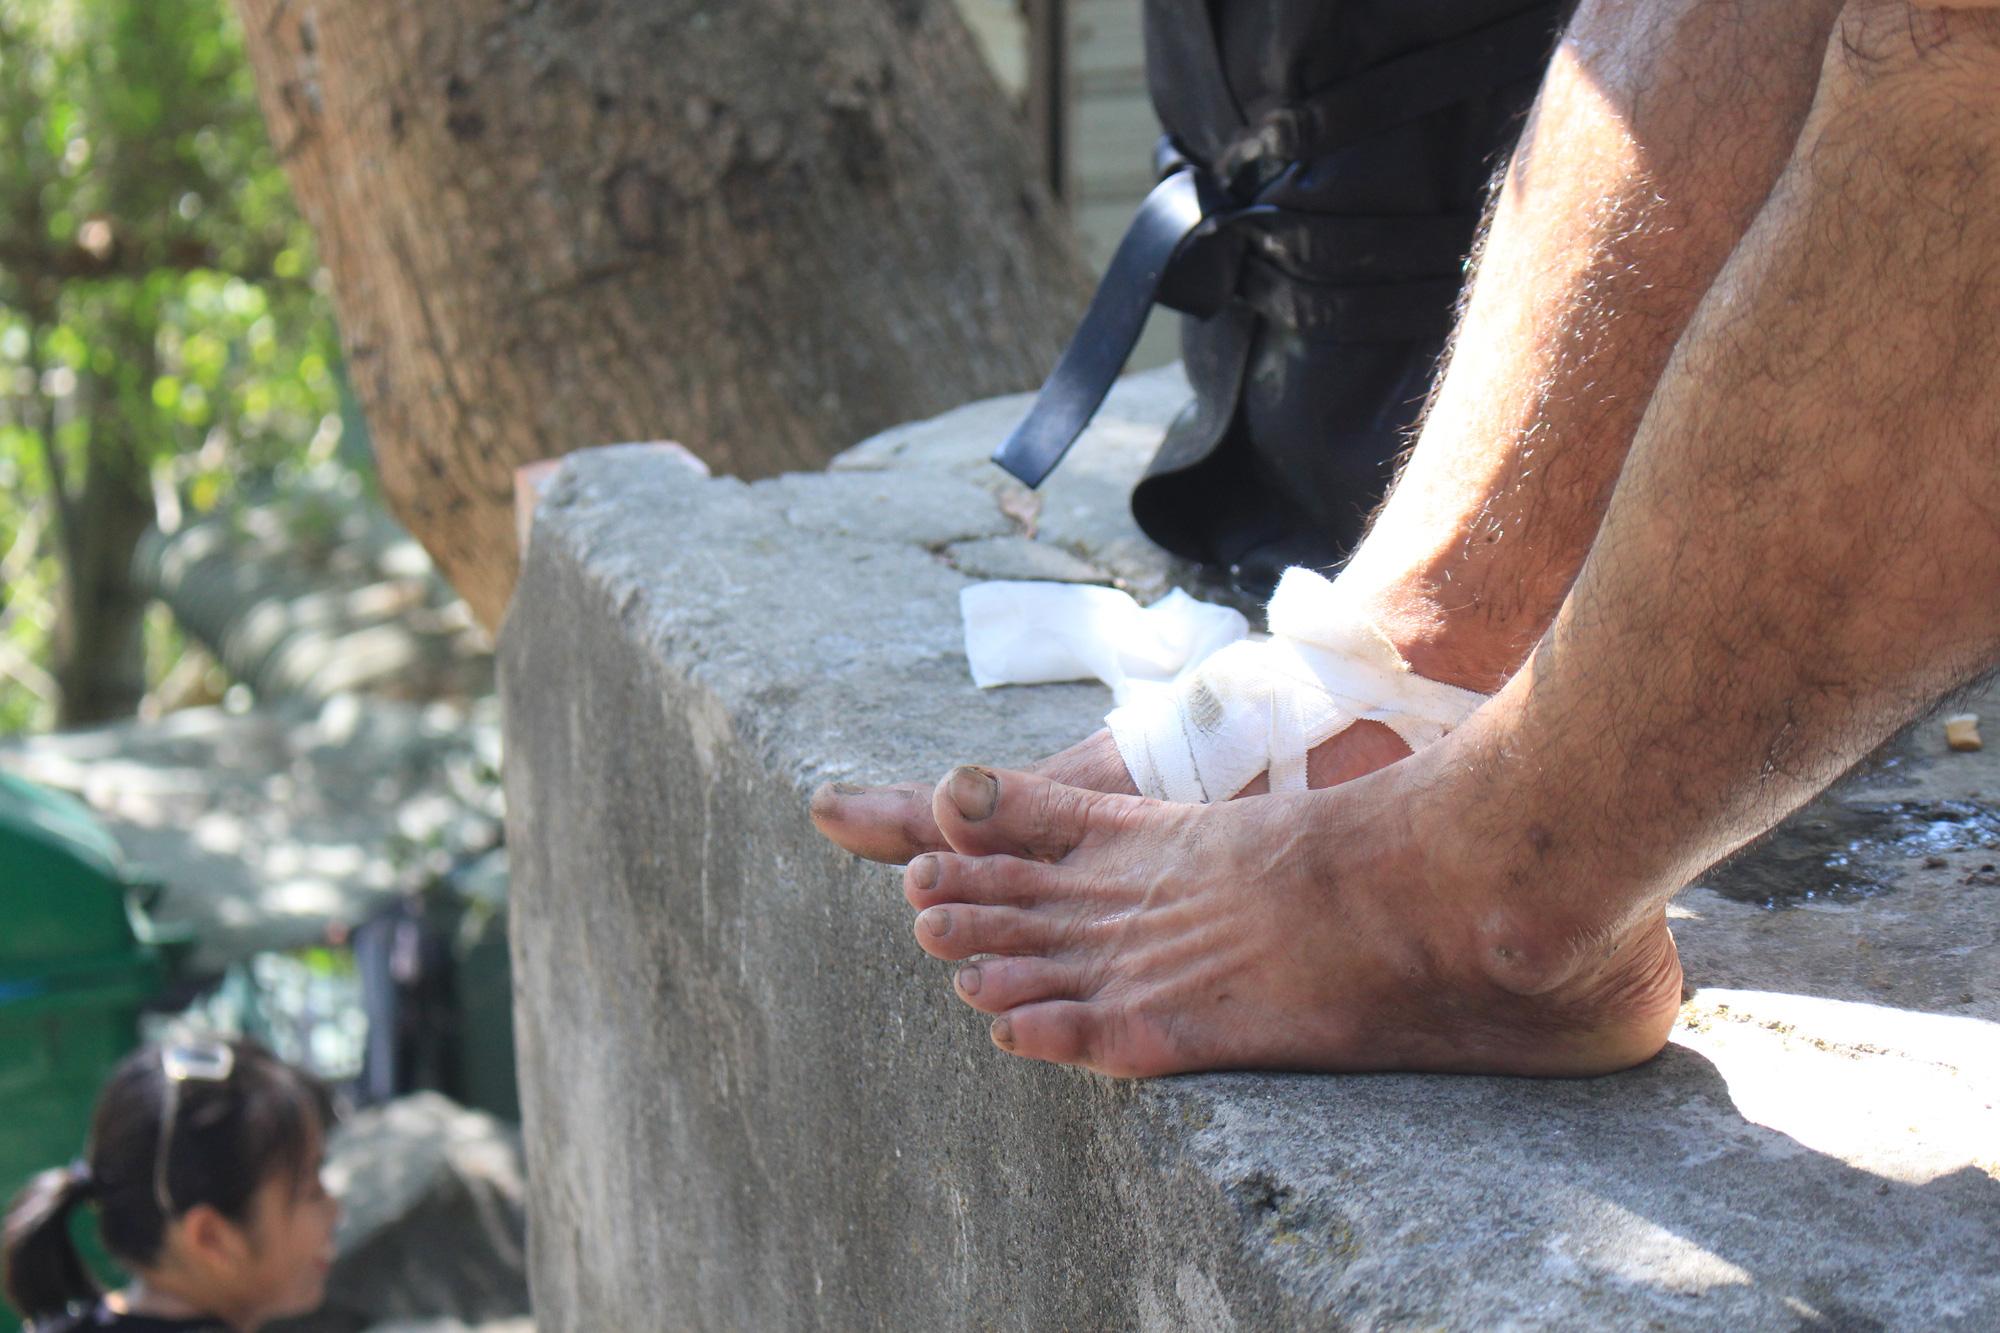 Gian nan đi chân trần, cõng nước đá lên núi Bà Đen kiếm tiền ngày đầu năm - Ảnh 6.